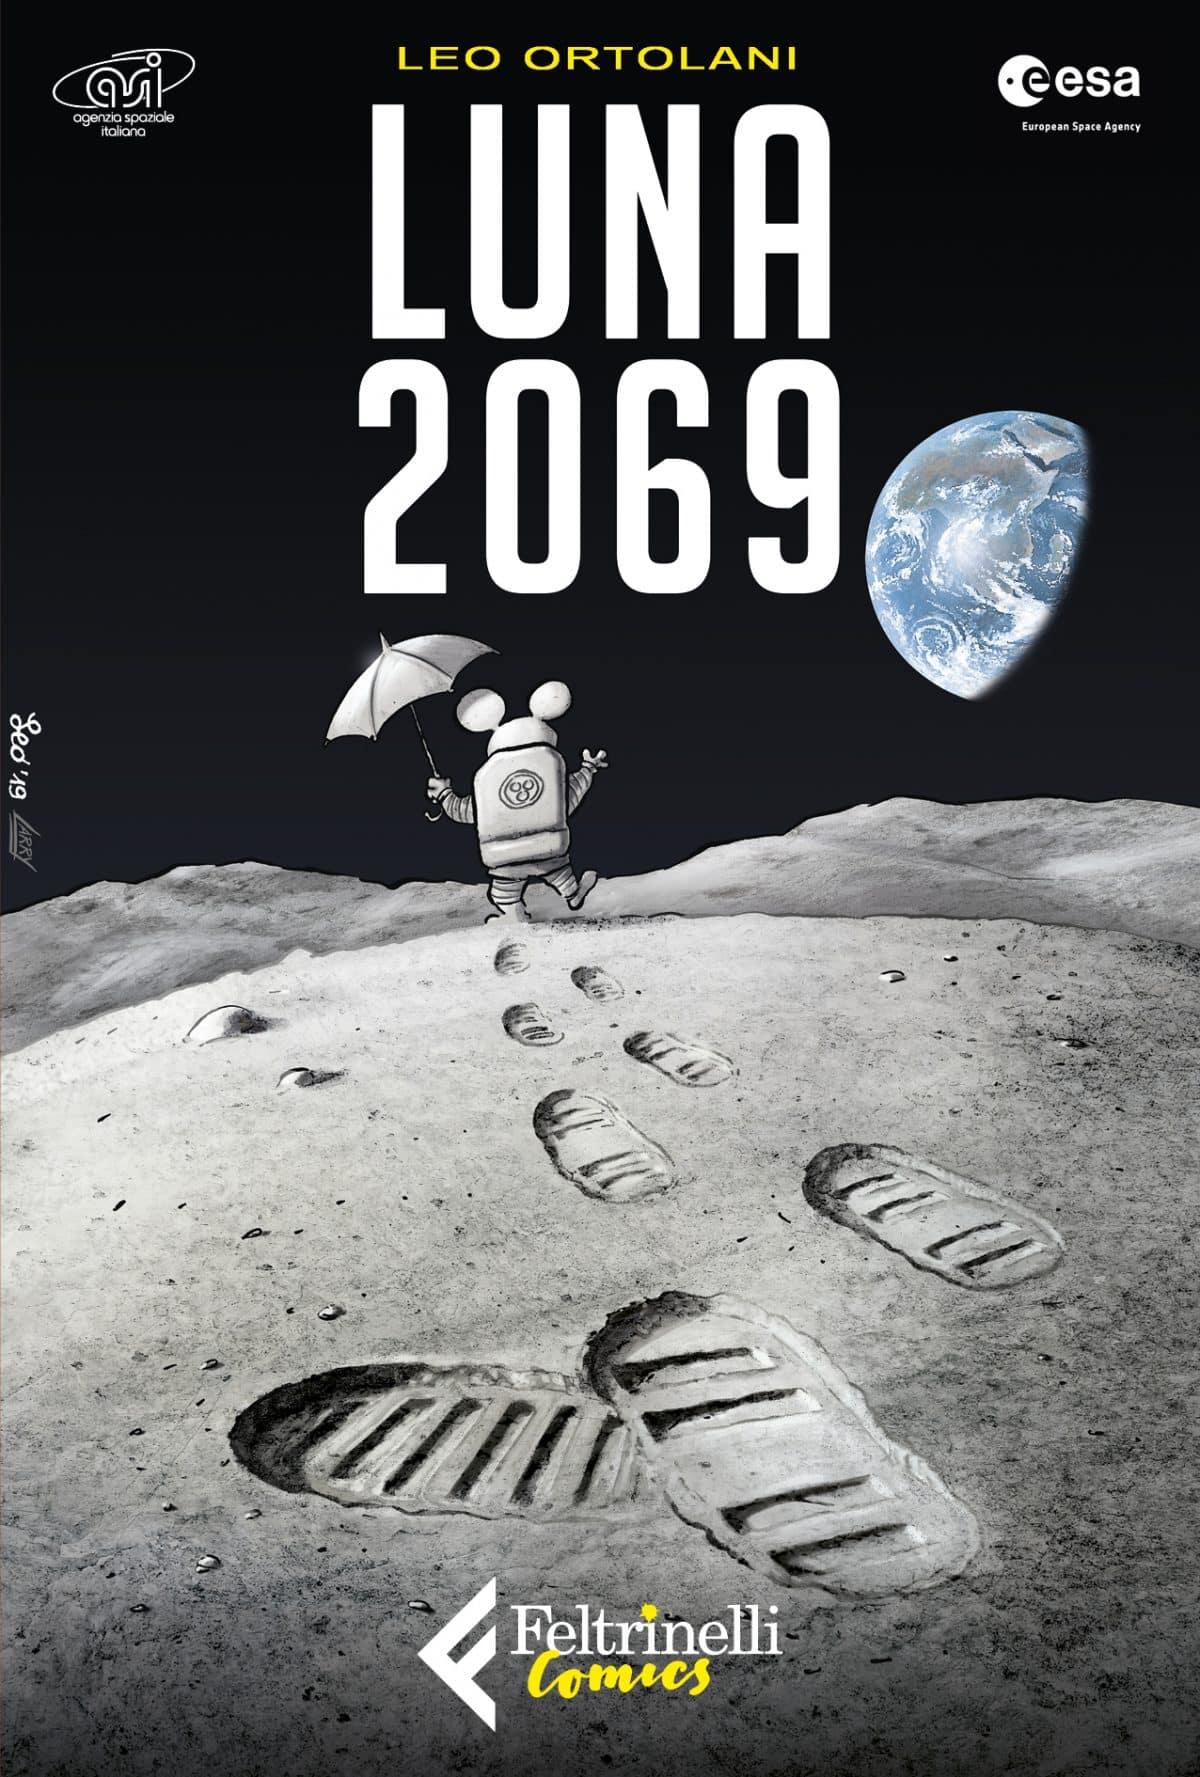 """Feltrinelli Comics: Rat-Man torna nello spazio con """"Luna 2069"""""""